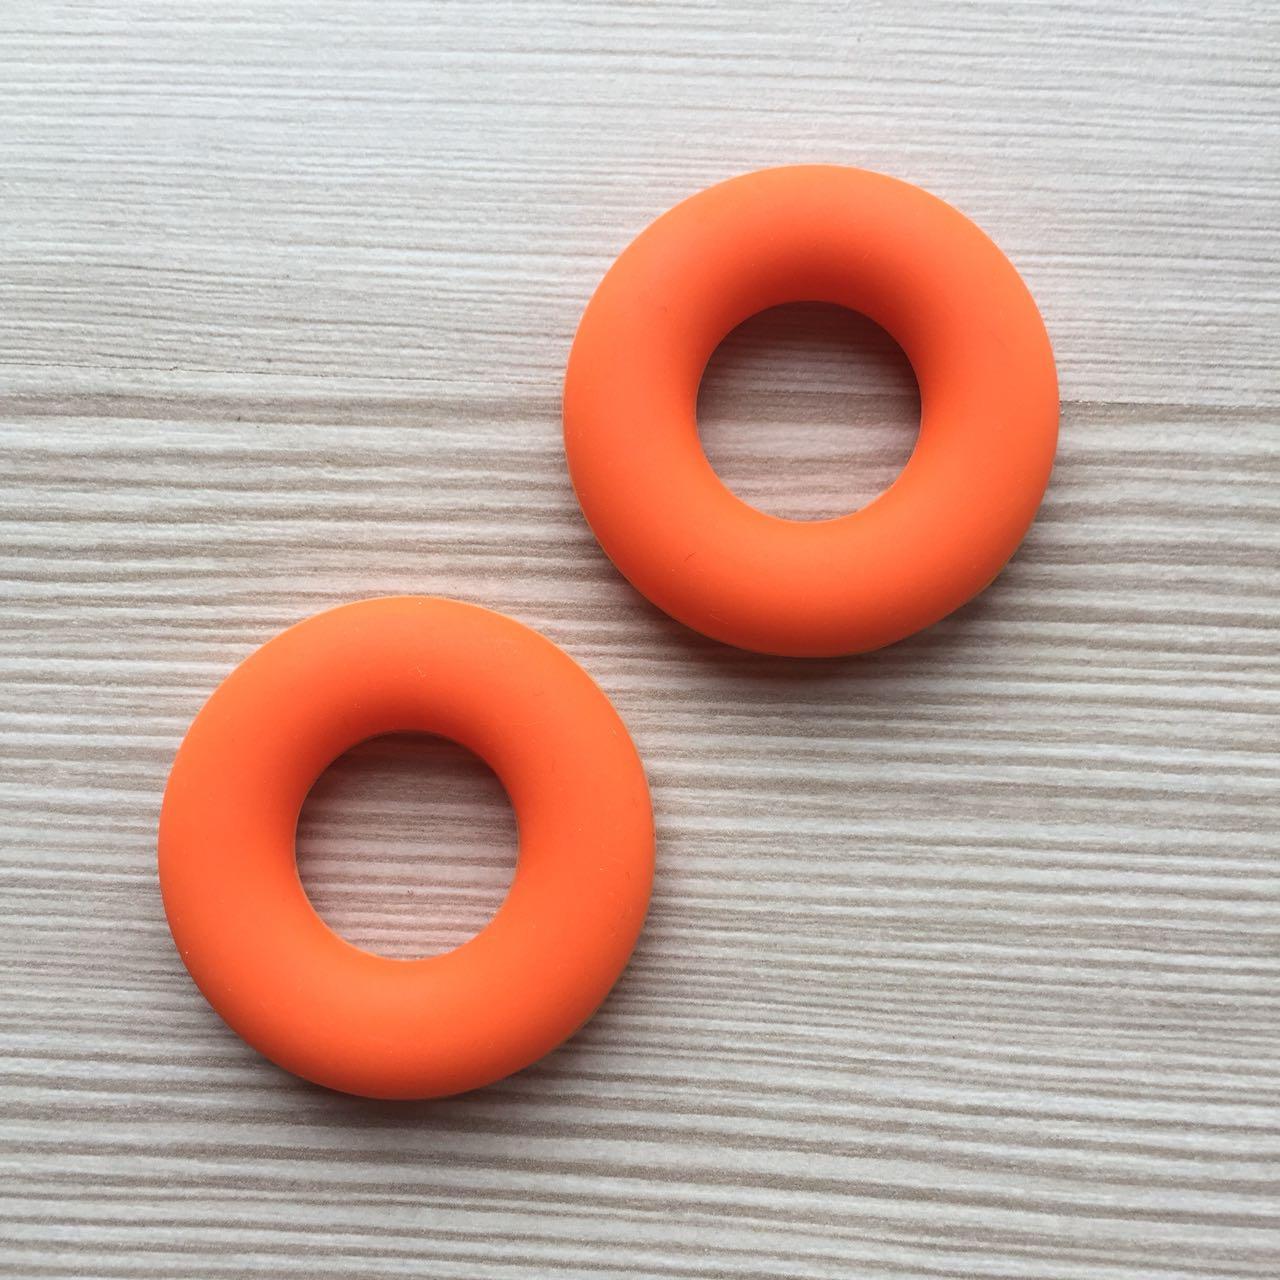 Колечко бублик (оранжевый) 43мм, силиконовая бусина